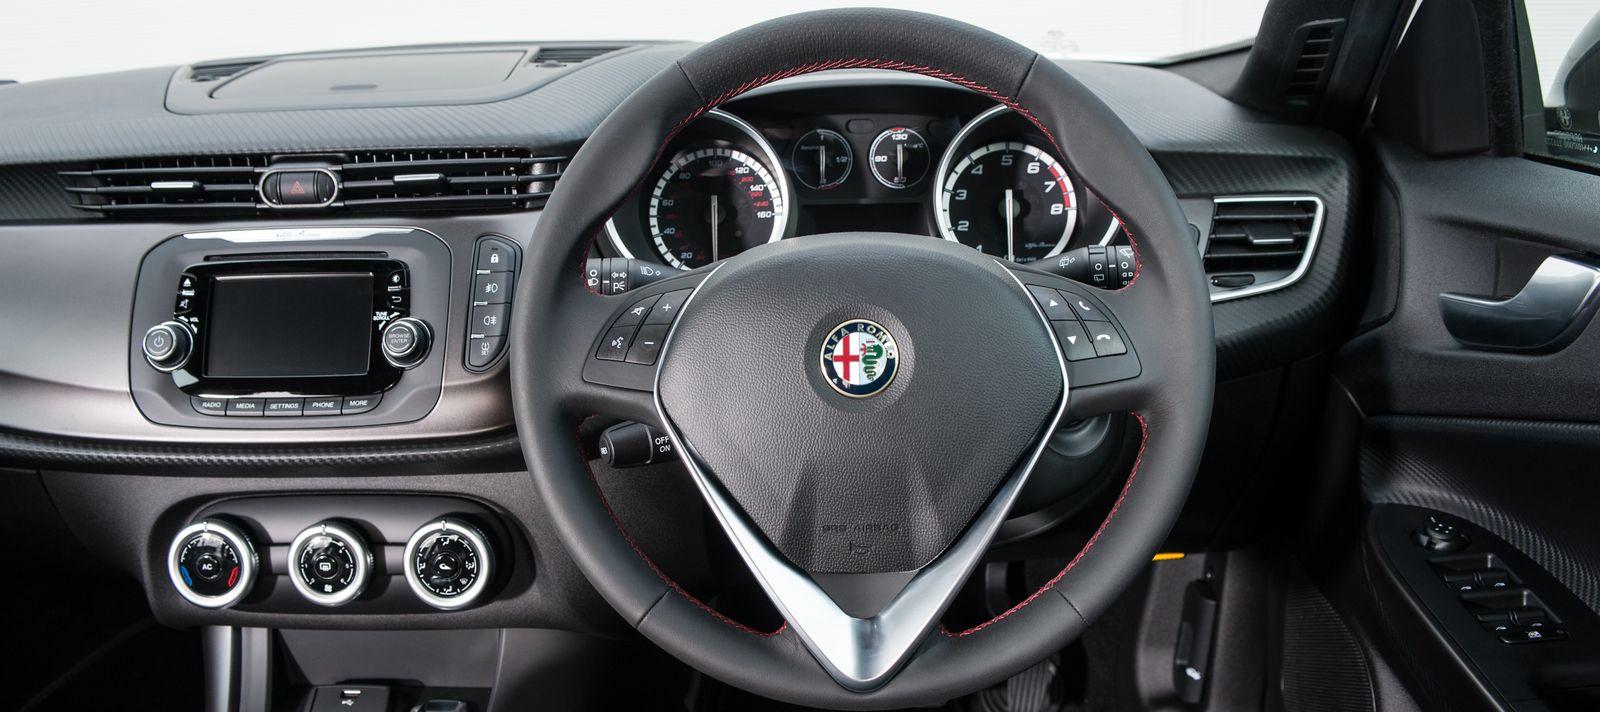 Alfa romeo mito qv top speed 15